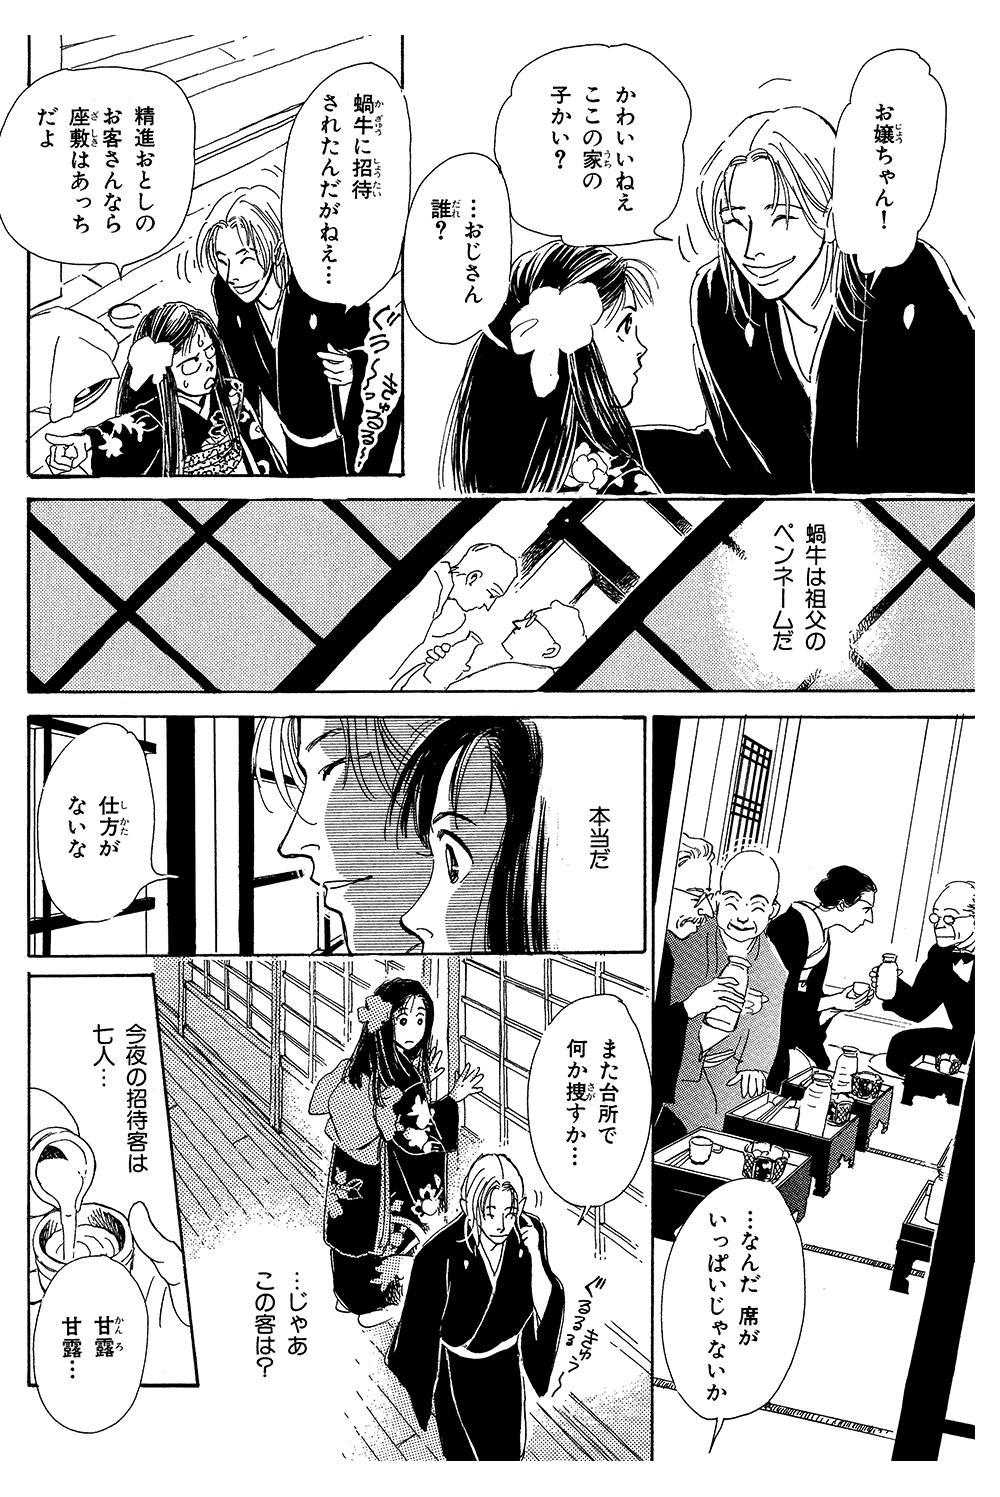 百鬼夜行抄 序章「精進おとしの客」hyakki06.jpg